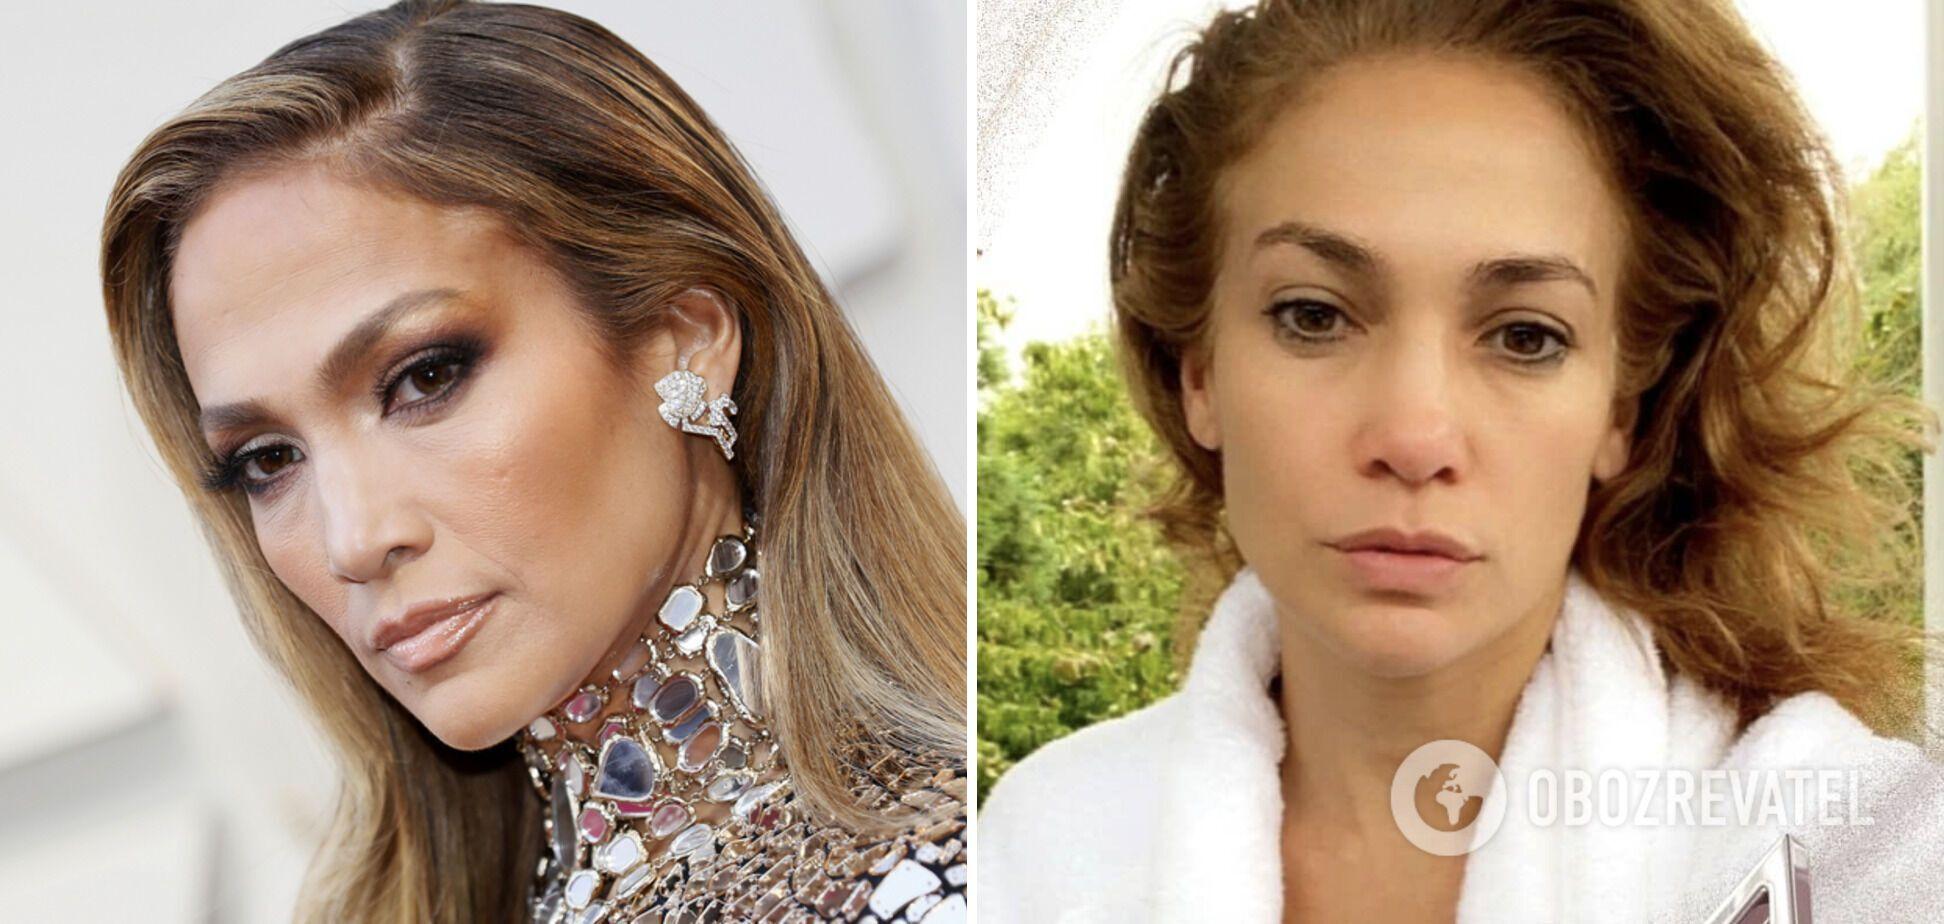 Дженнифер Лопес любит делать яркий макияж.